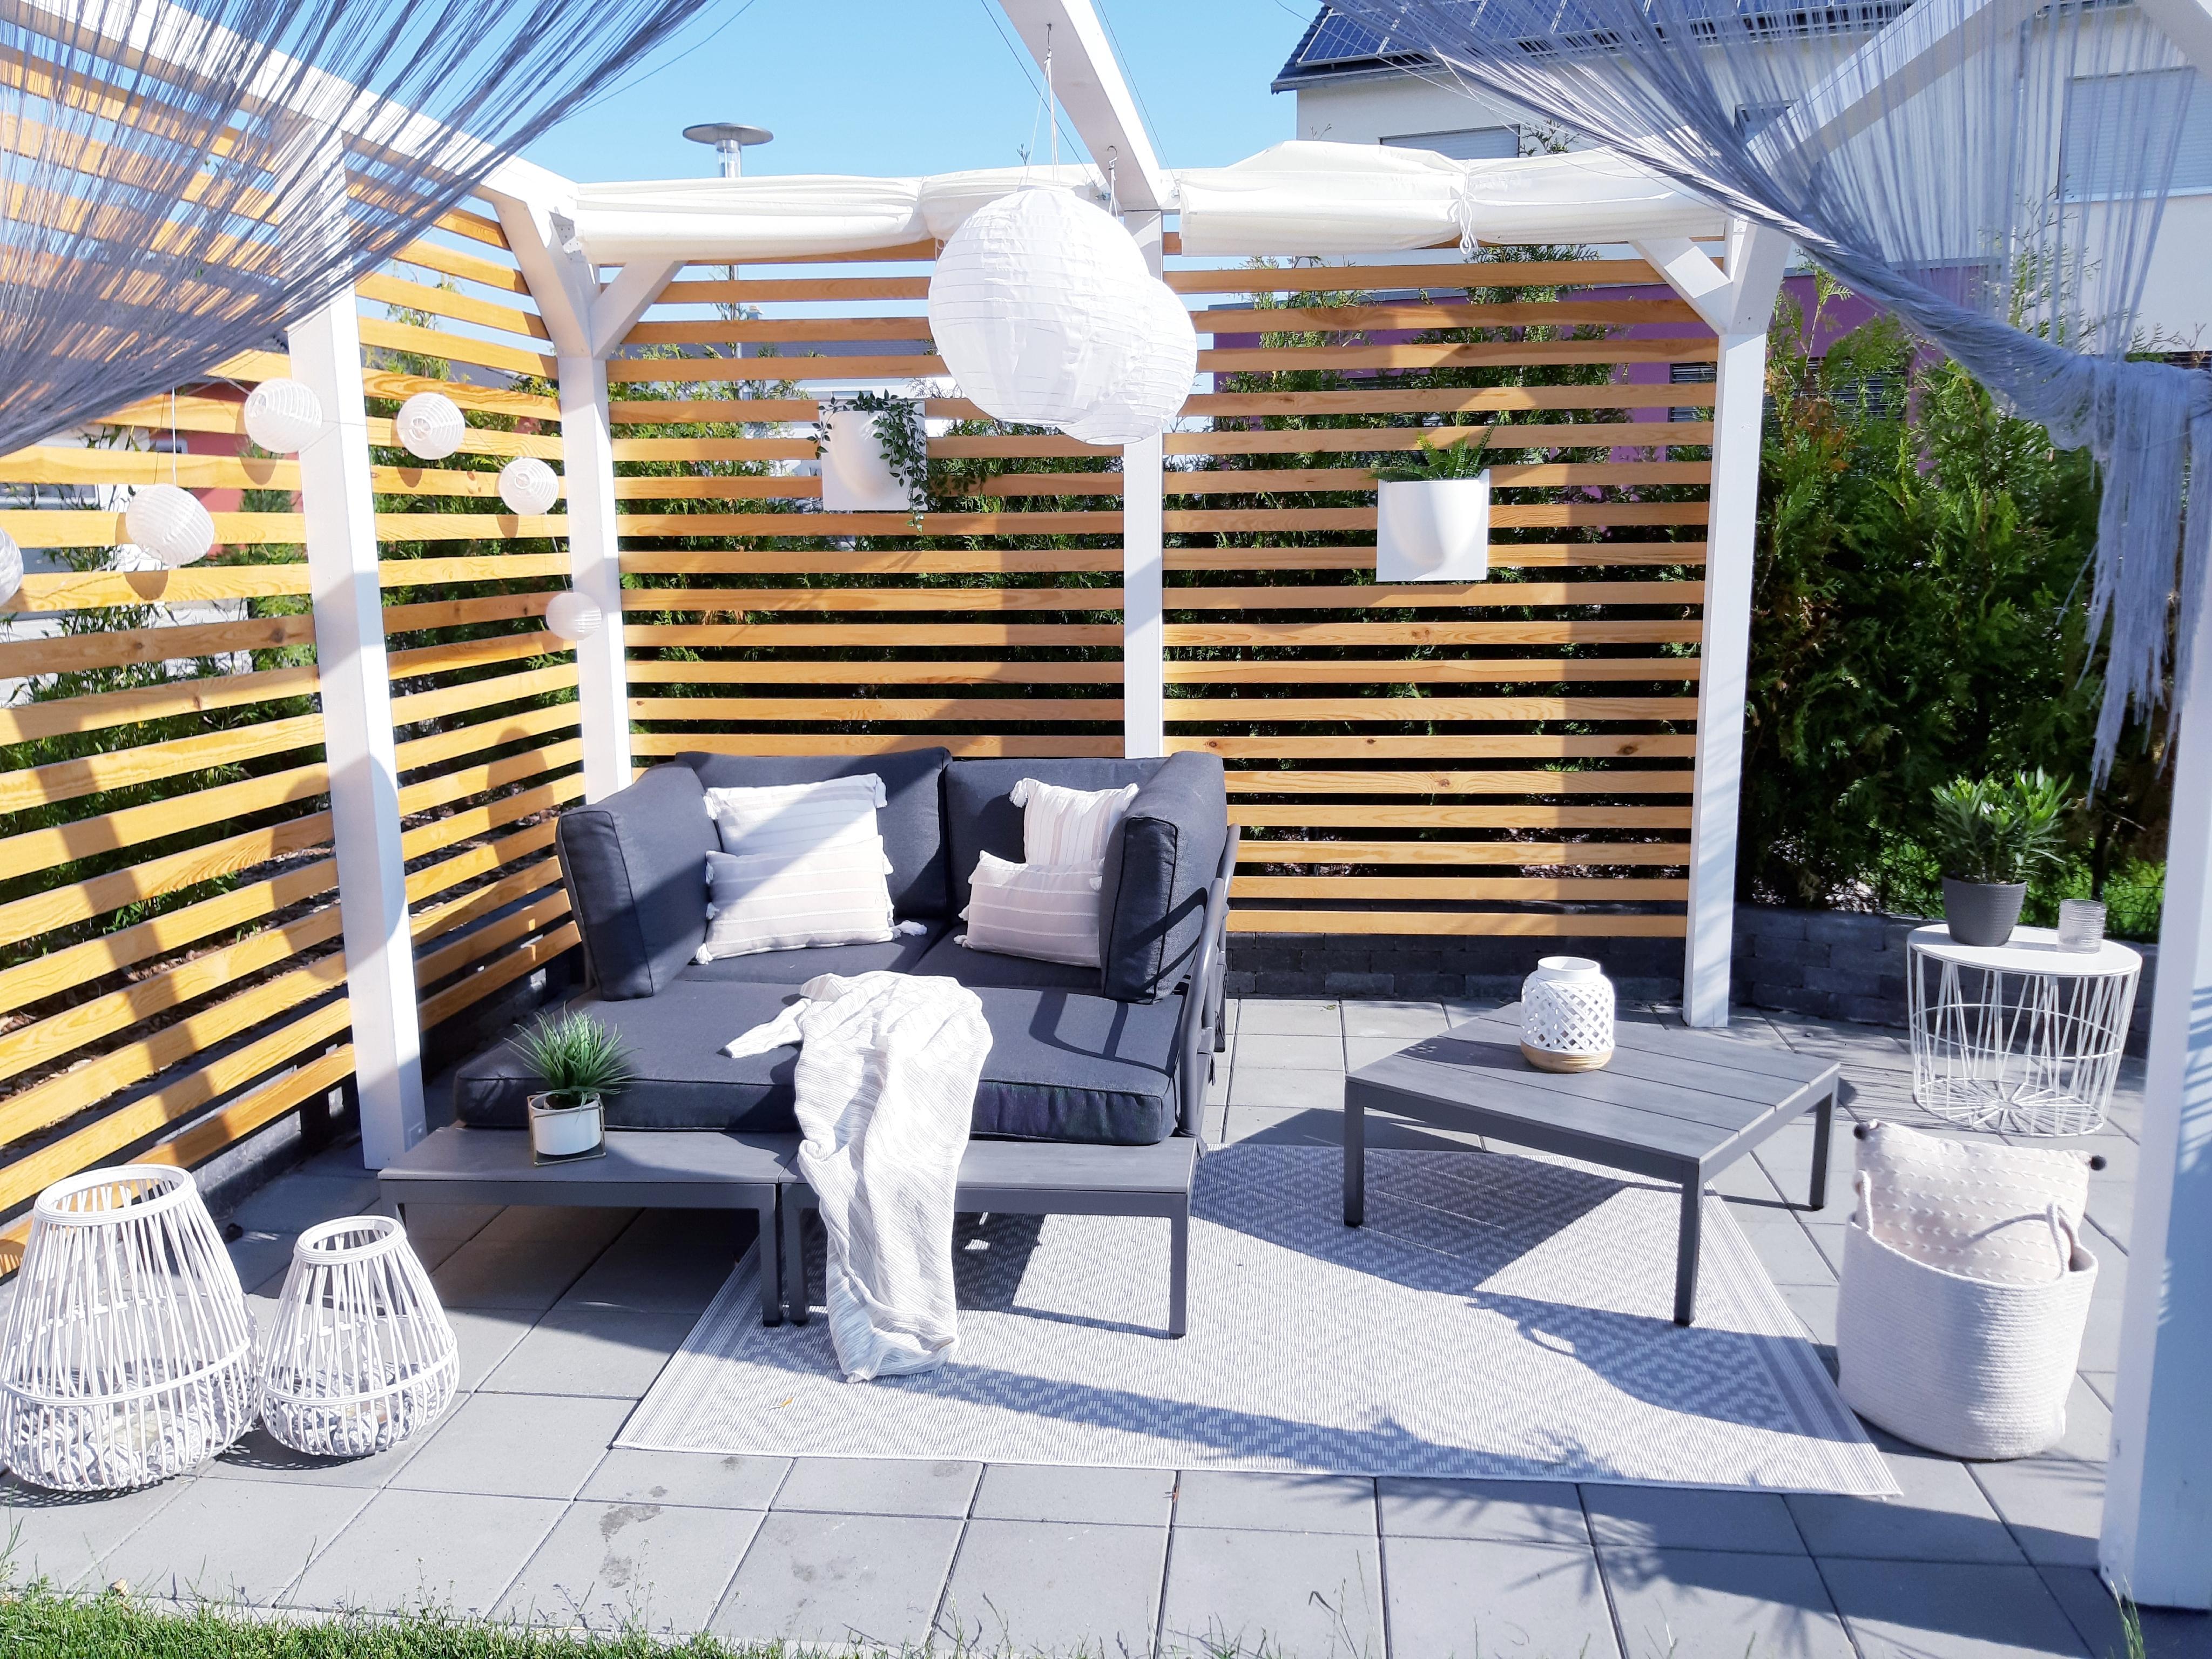 3ab6a64e05 Zur Qualität kann ich nur sagen, das wir allgemein mit den Gartenmöbeln die  wir bereits